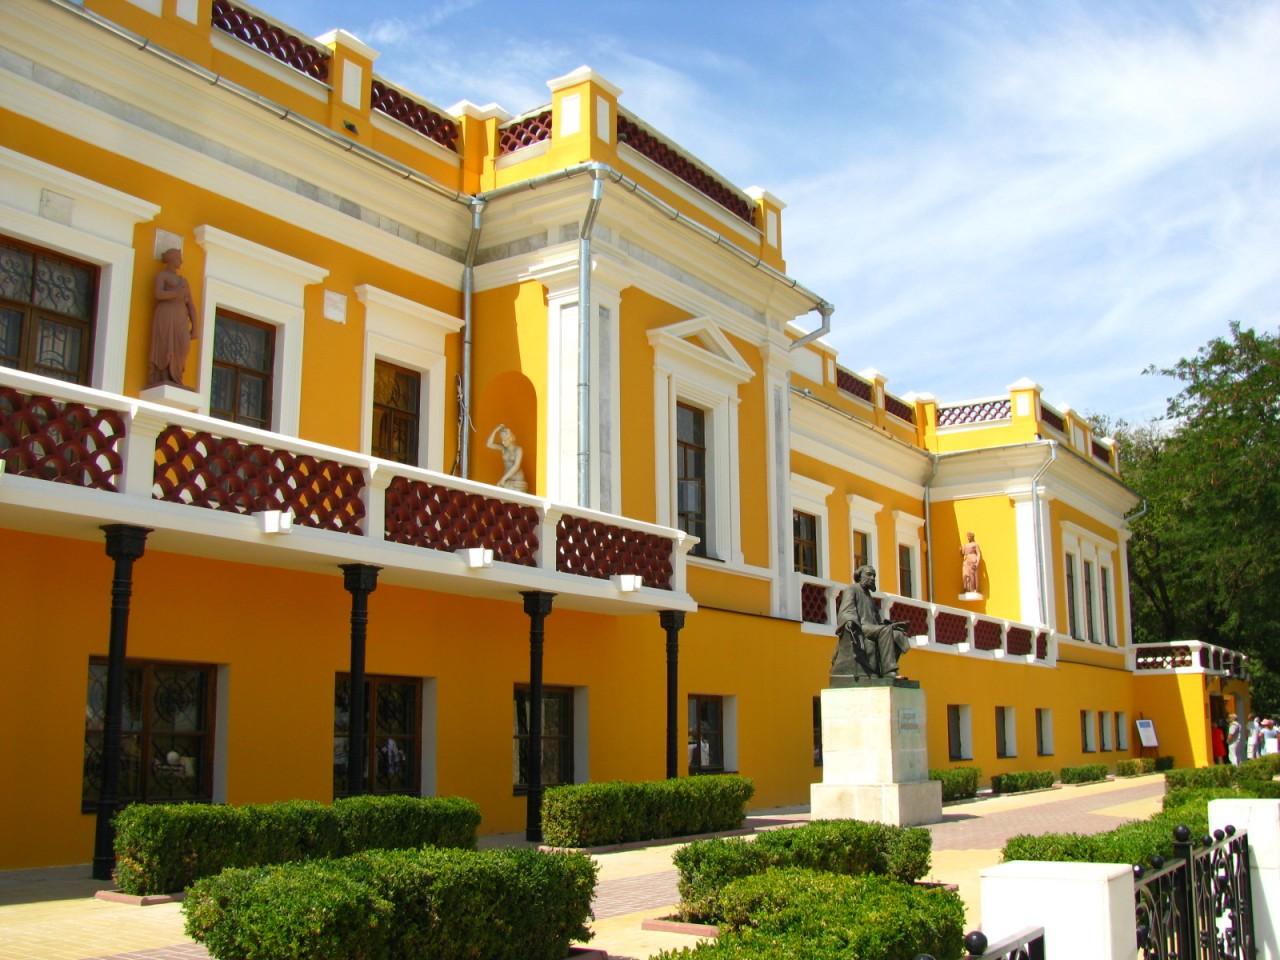 Единый музейный квартал создадут на базе галереи Айвазовского в Крыму